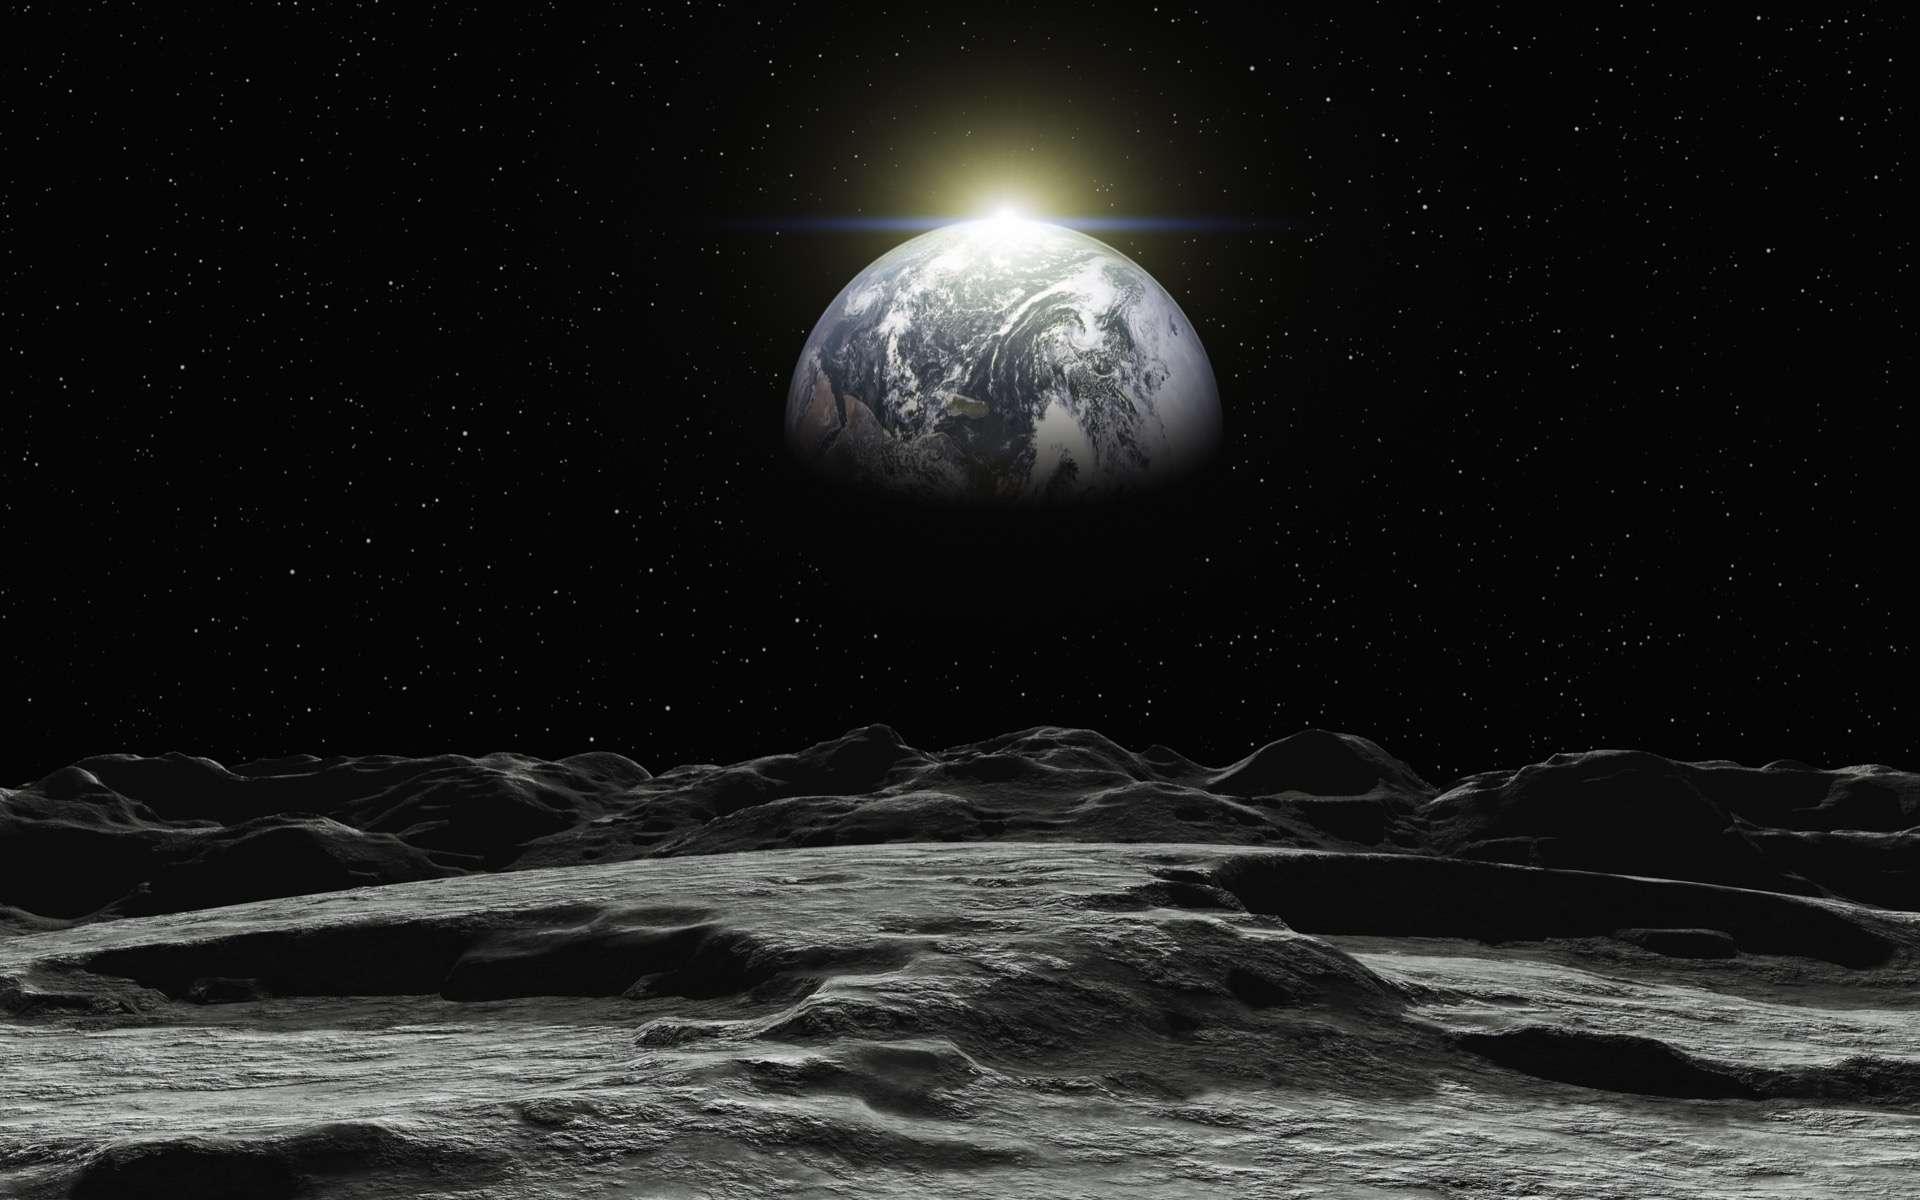 La Nasa veut payer des entreprises privées pour collecter des échantillons de roches lunaires. © Peter Kirschner, Adobe Stock